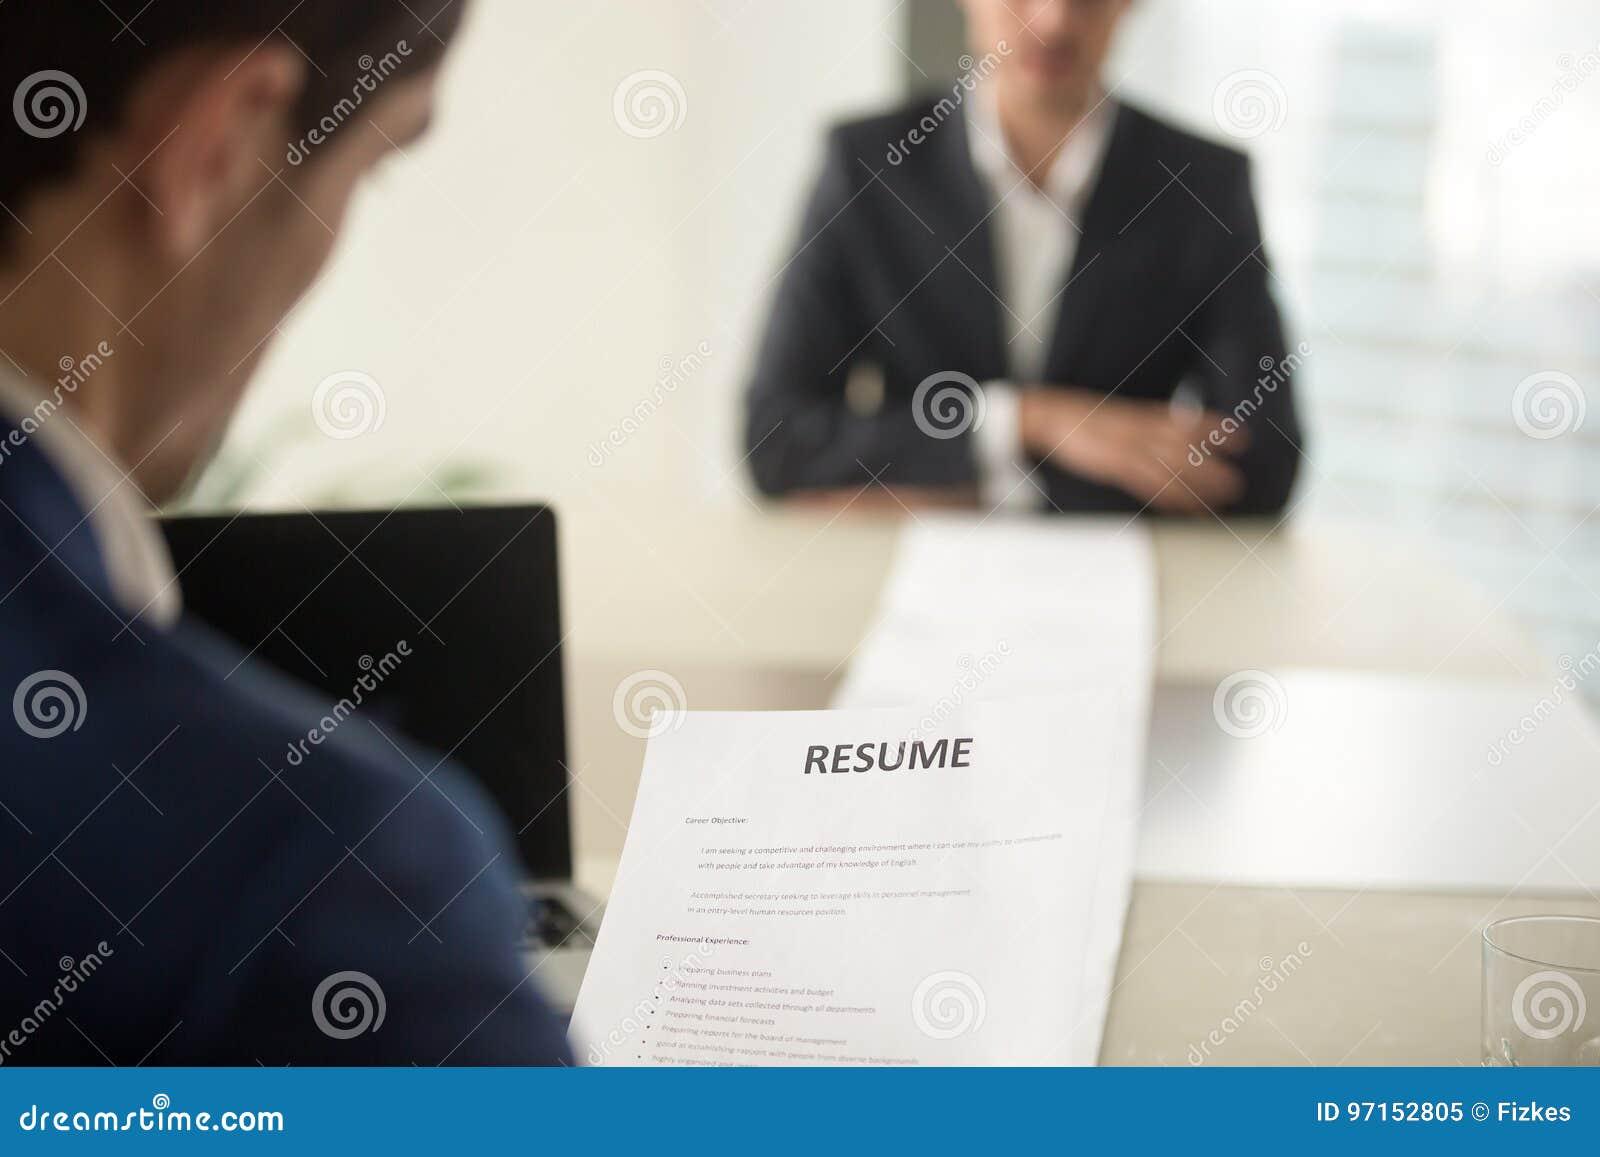 Cv De Lectura Ejecutivo Durante La Entrevista De Trabajo, Foco En El ...